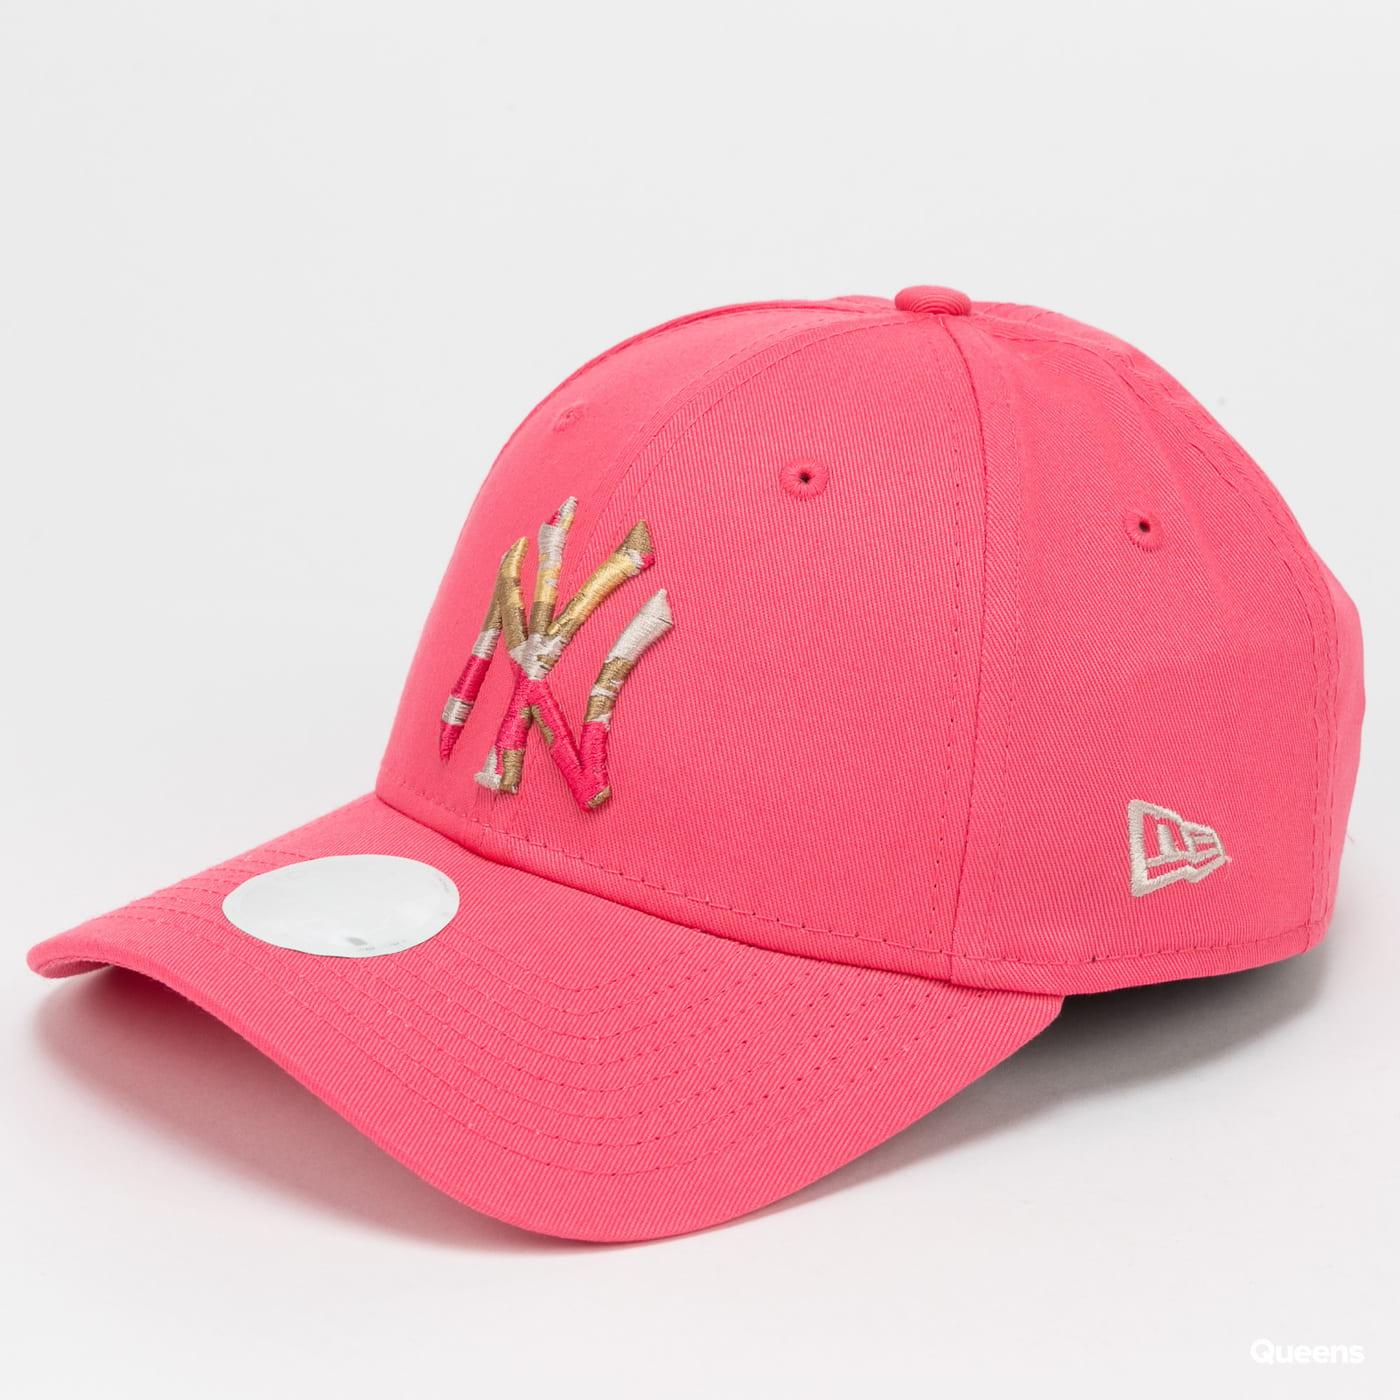 New Era 940W MLB WMNS Camo Infill NY pink